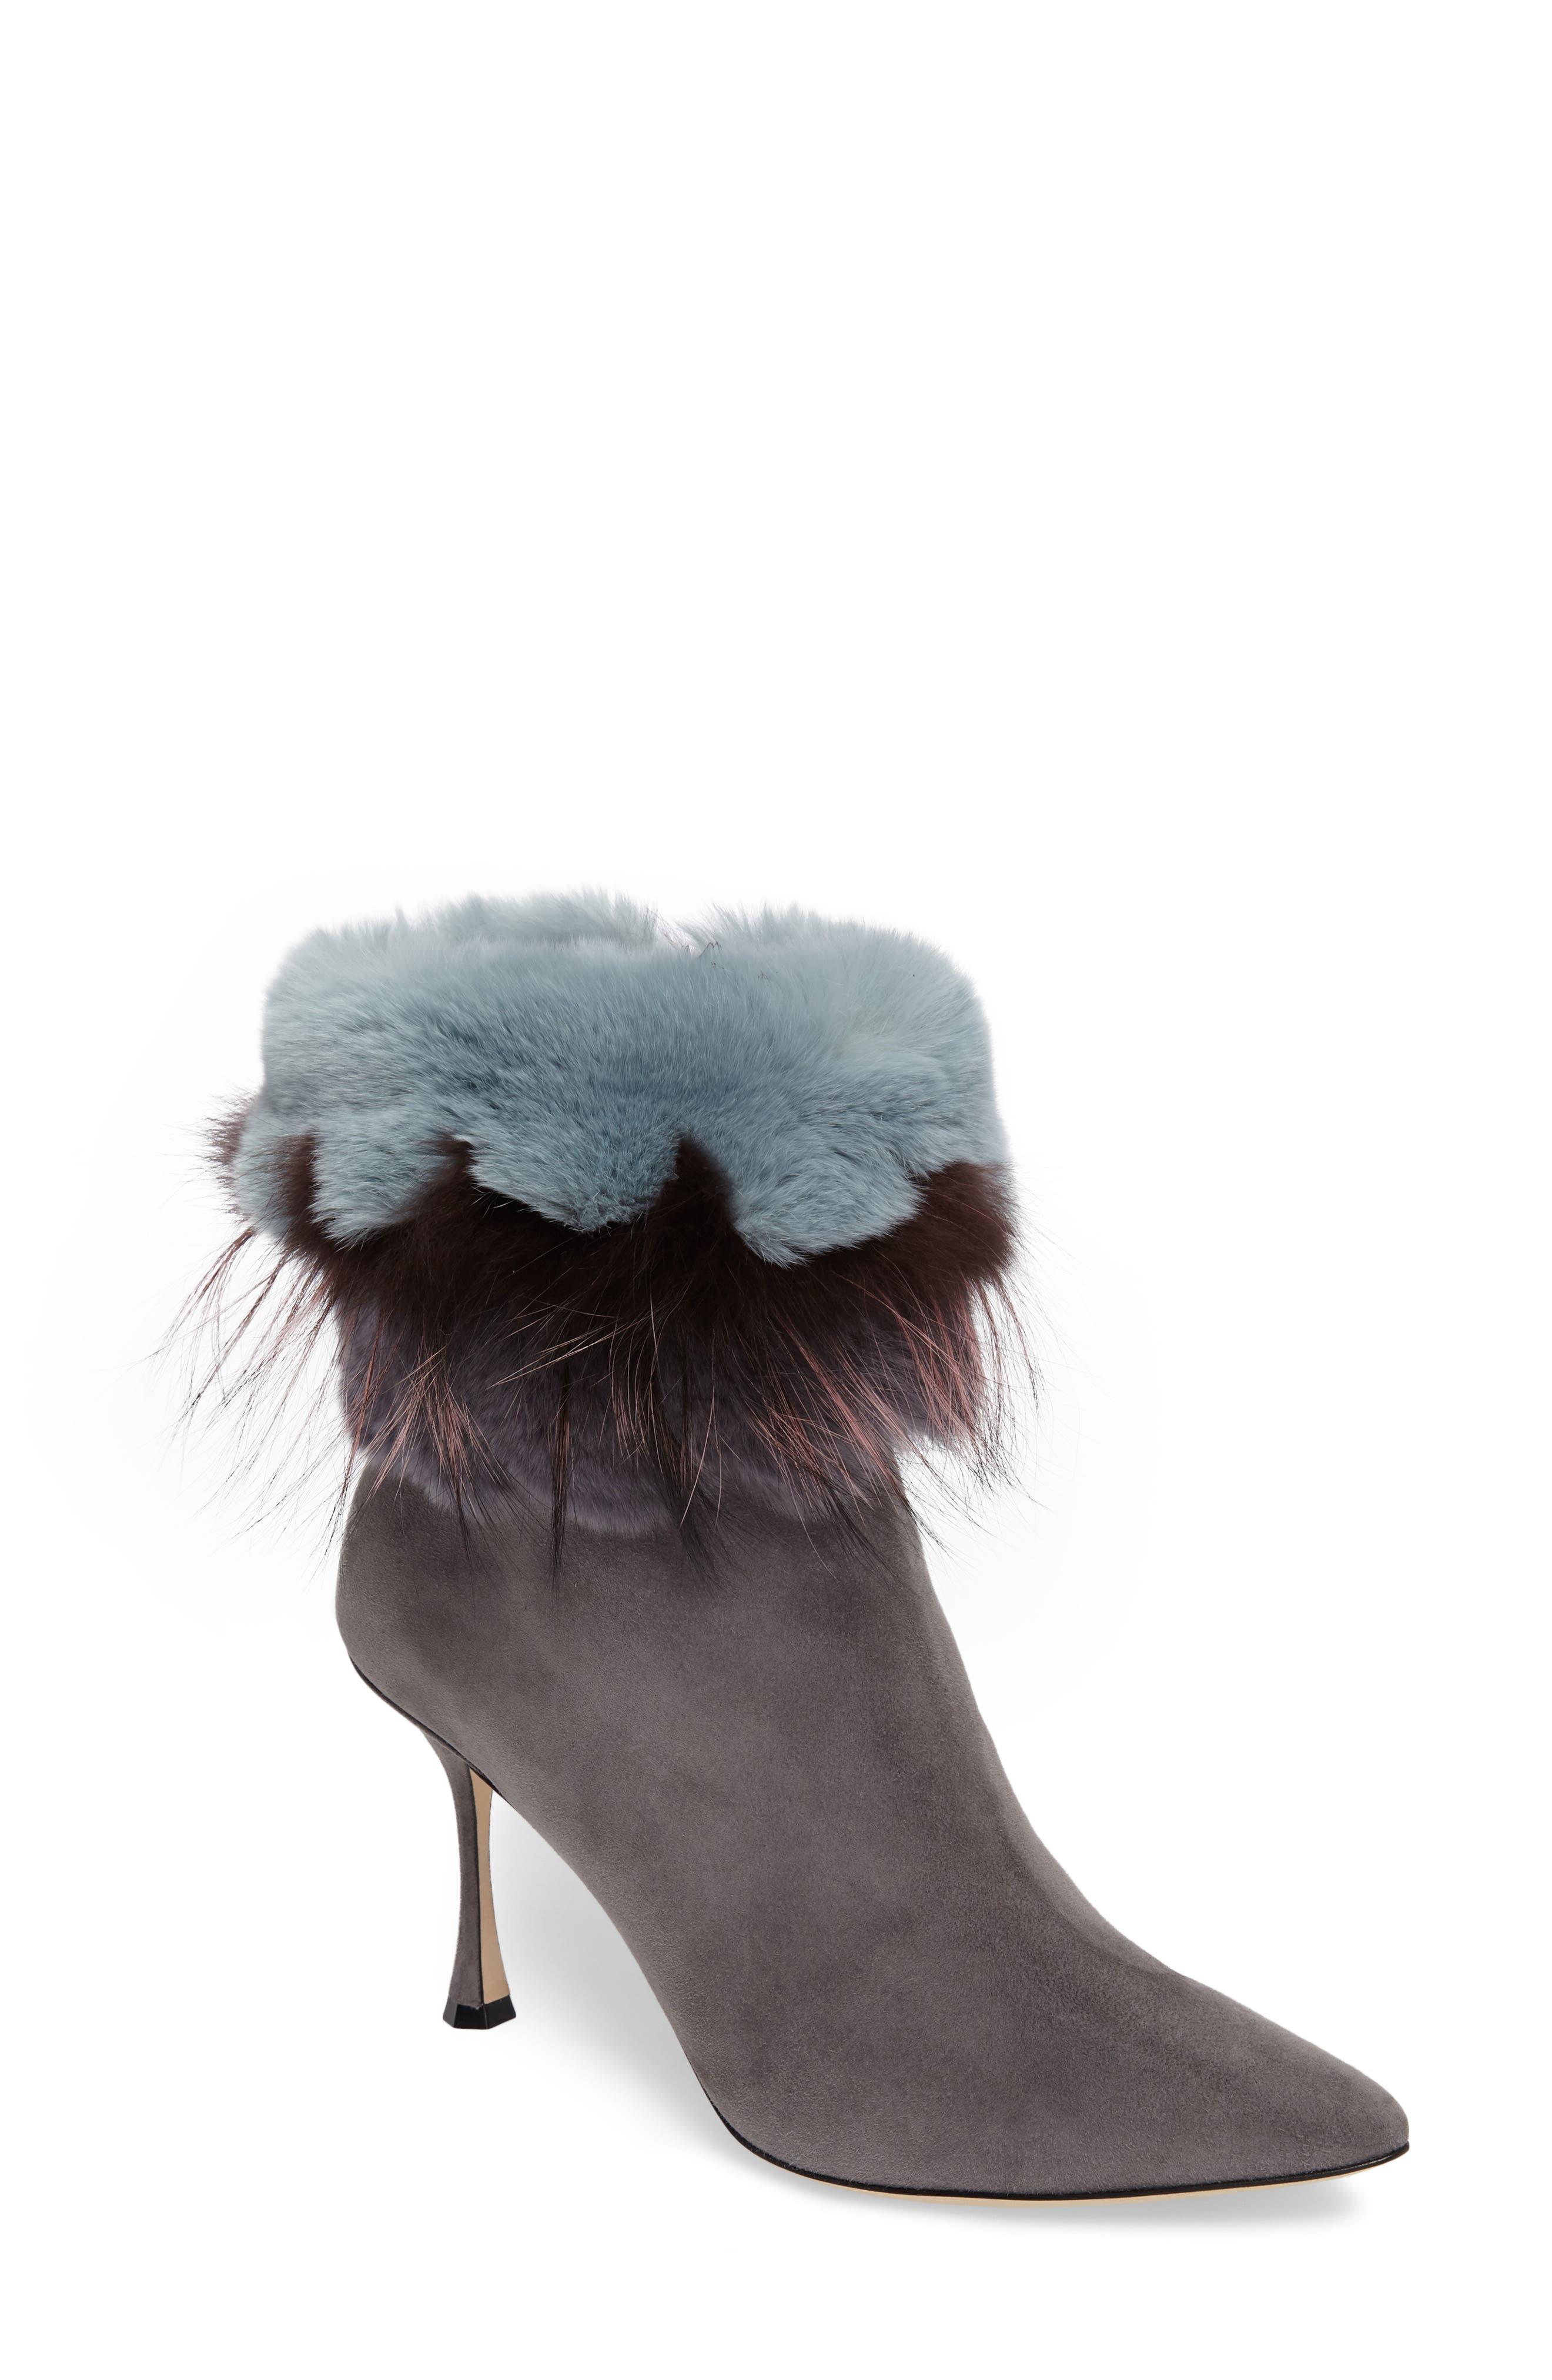 Remola Genuine Rabbit & Fox Fur Bootie,                         Main,                         color, 020